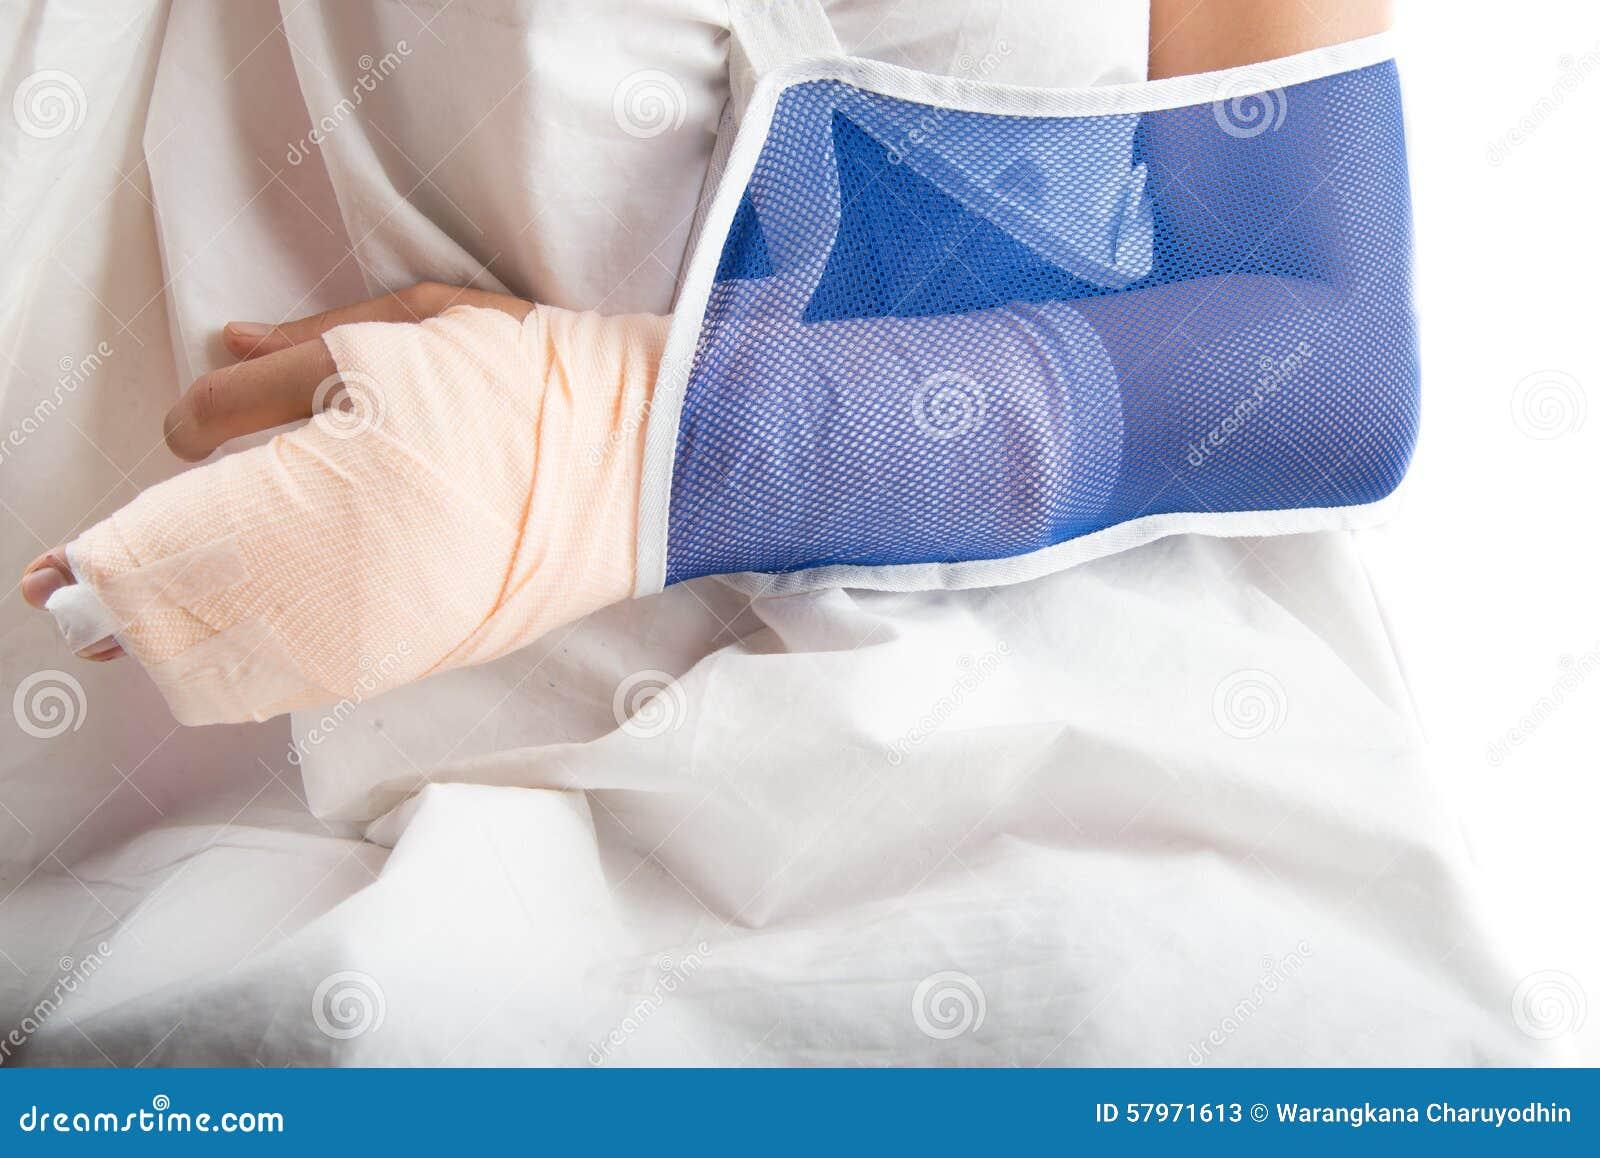 妇女从与胳膊吊索的事故伤的手骨头.图片